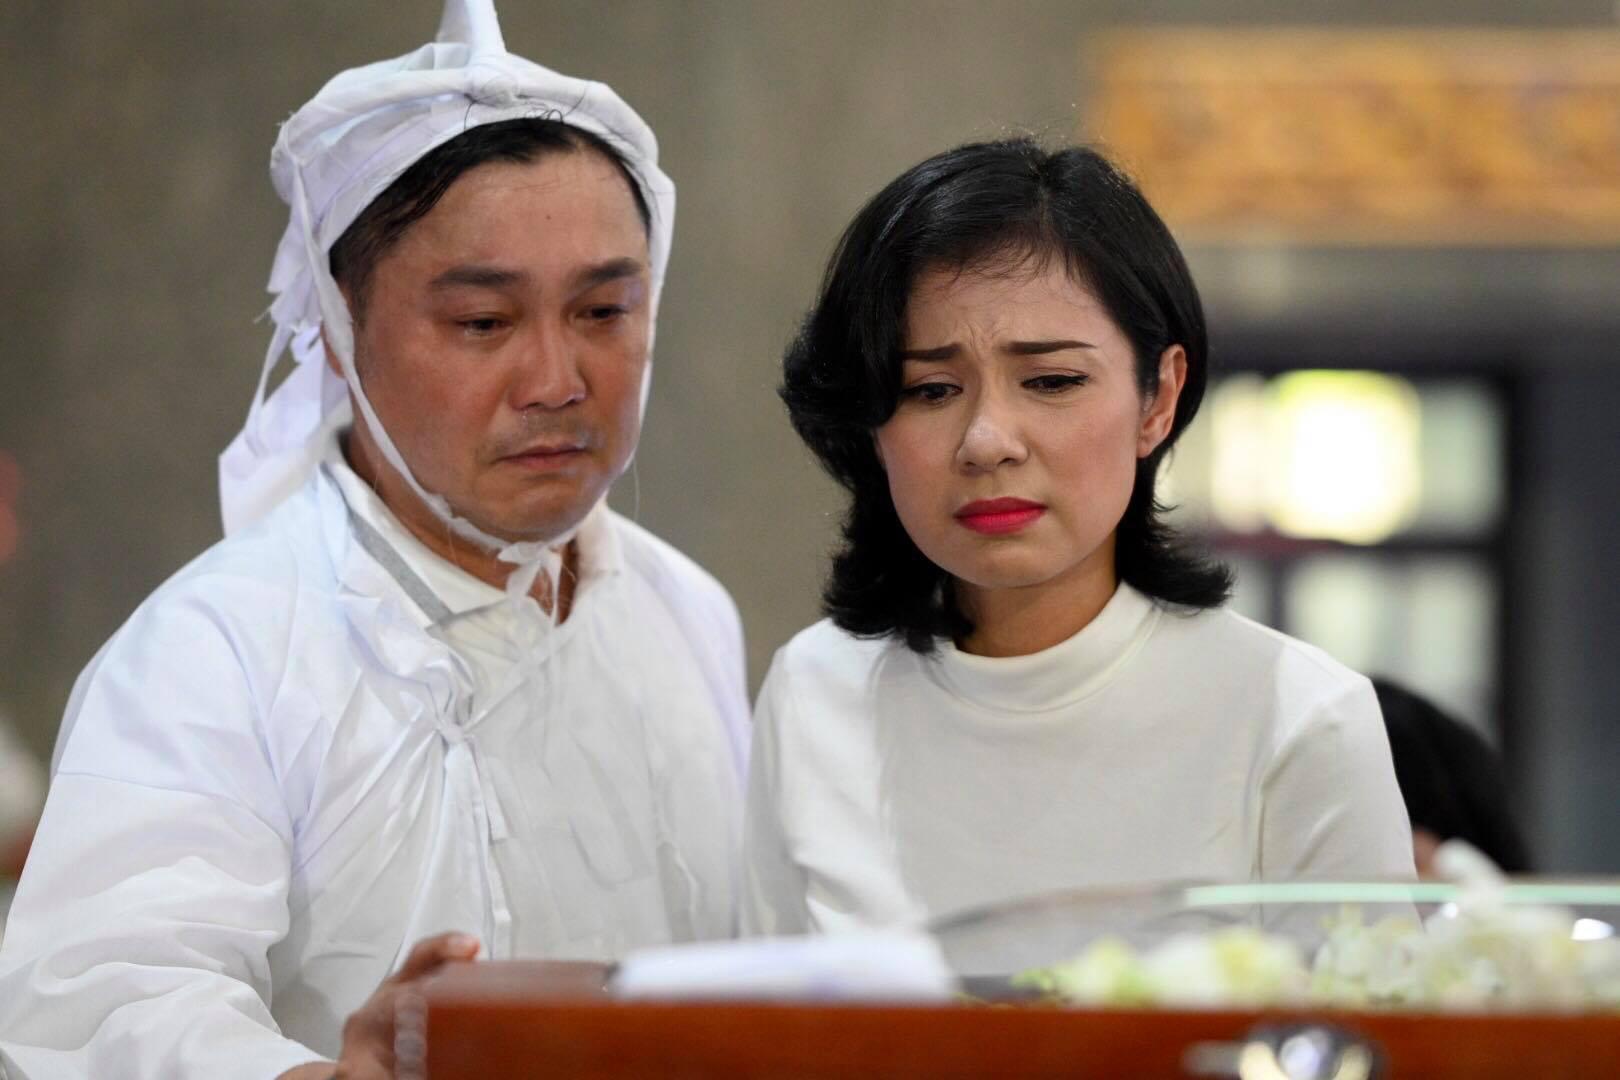 Phút cuối tiễn biệt NSND Lý Huỳnh khiến đồng nghiệp xót xa, 2 tâm nguyện chưa hoàn thành - Ảnh 2.